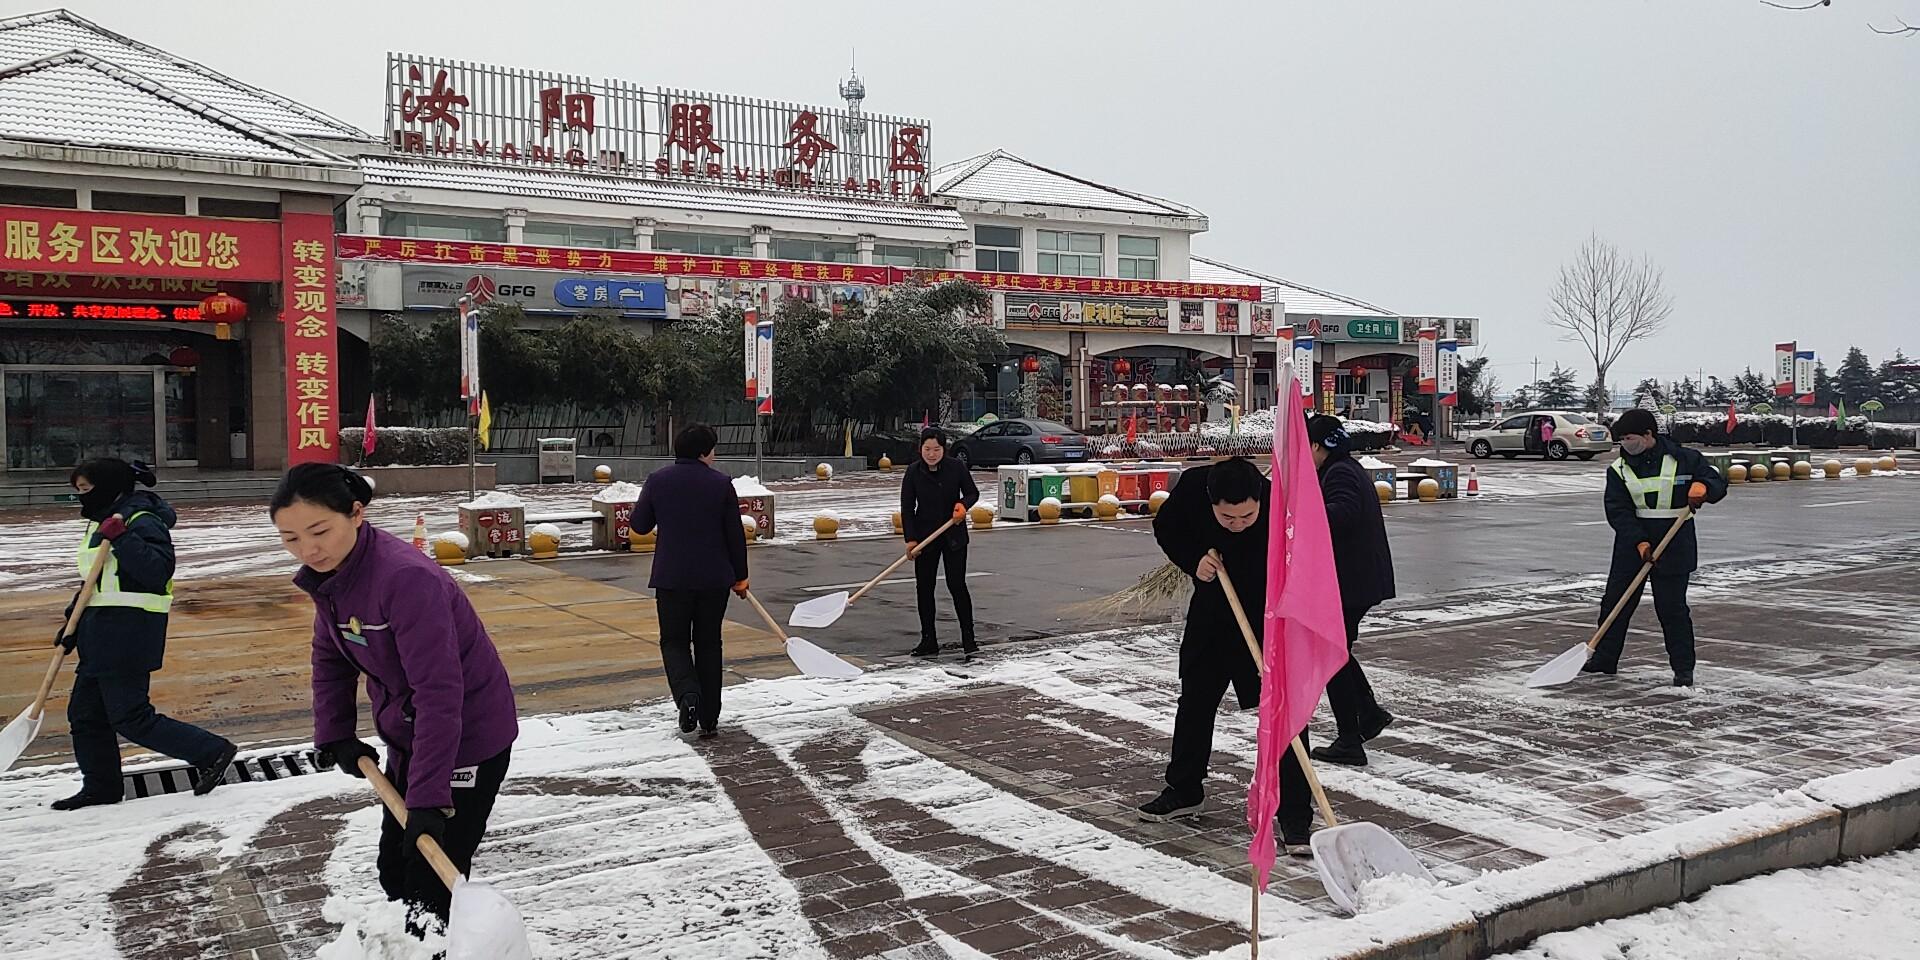 各高速公路收费站、服务区清理广场、车道残雪.JPG